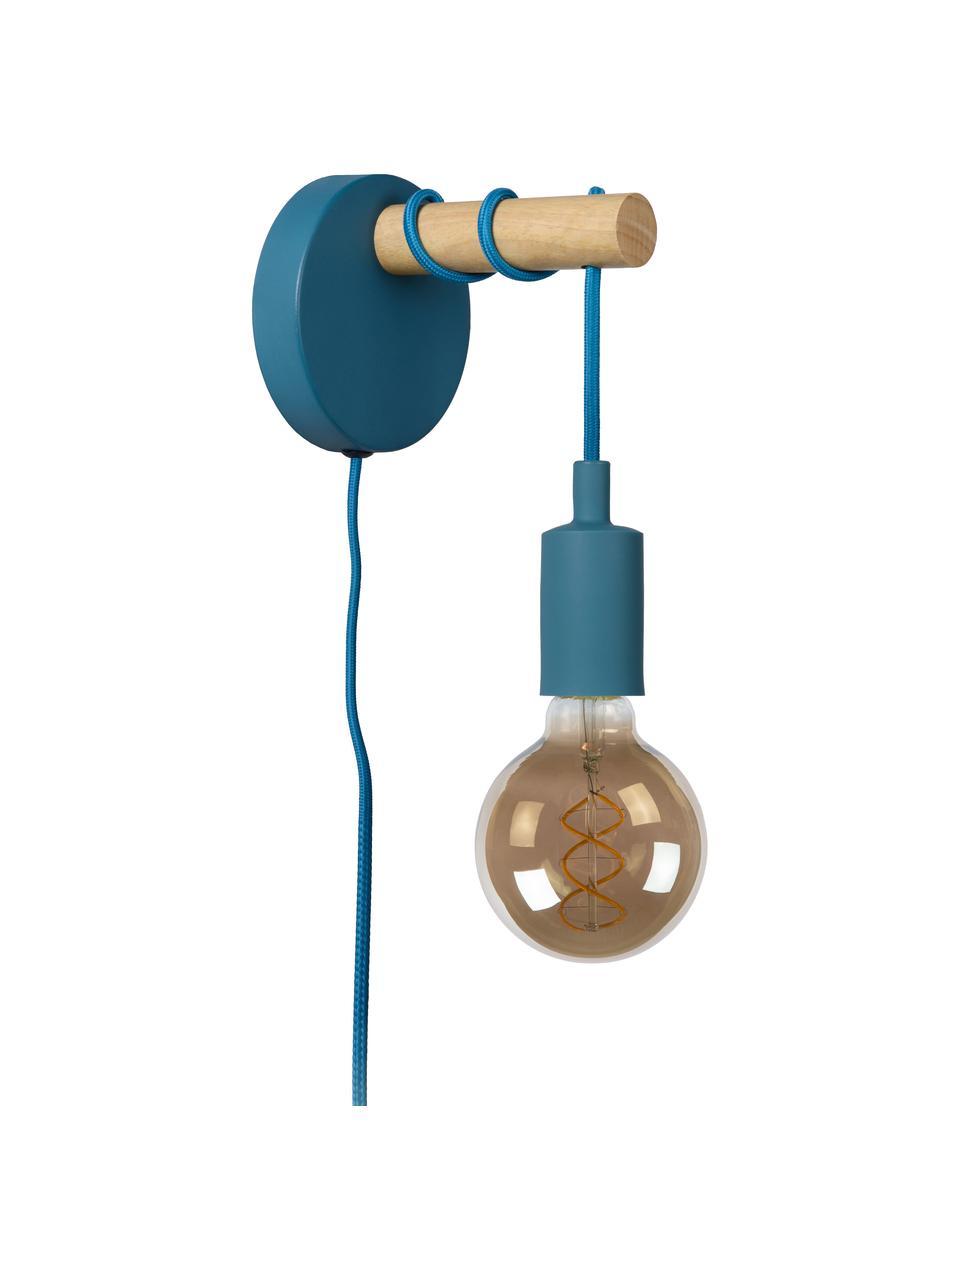 Wandleuchte Pola mit Stecker, Blau, Braun, 12 x 22 cm